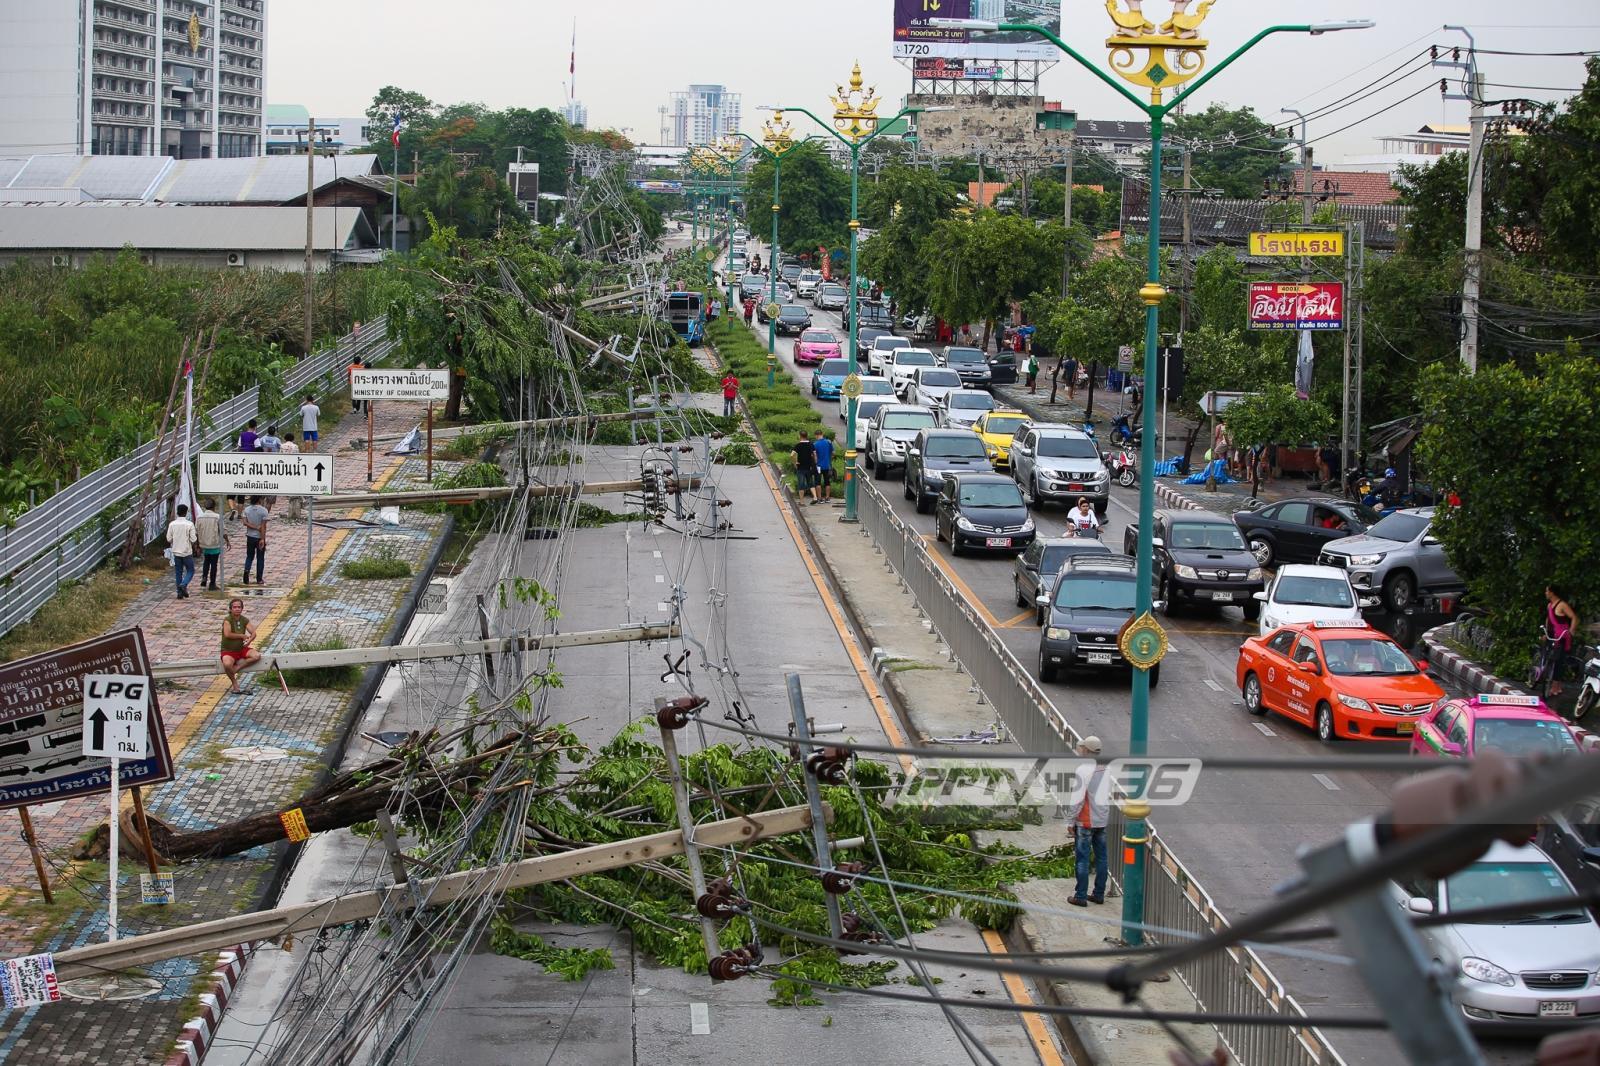 ฝนตกลมแรง! เสาไฟฟ้าล้ม 15 ต้น ขวางถนนหน้ากระทรวงพาณิชย์